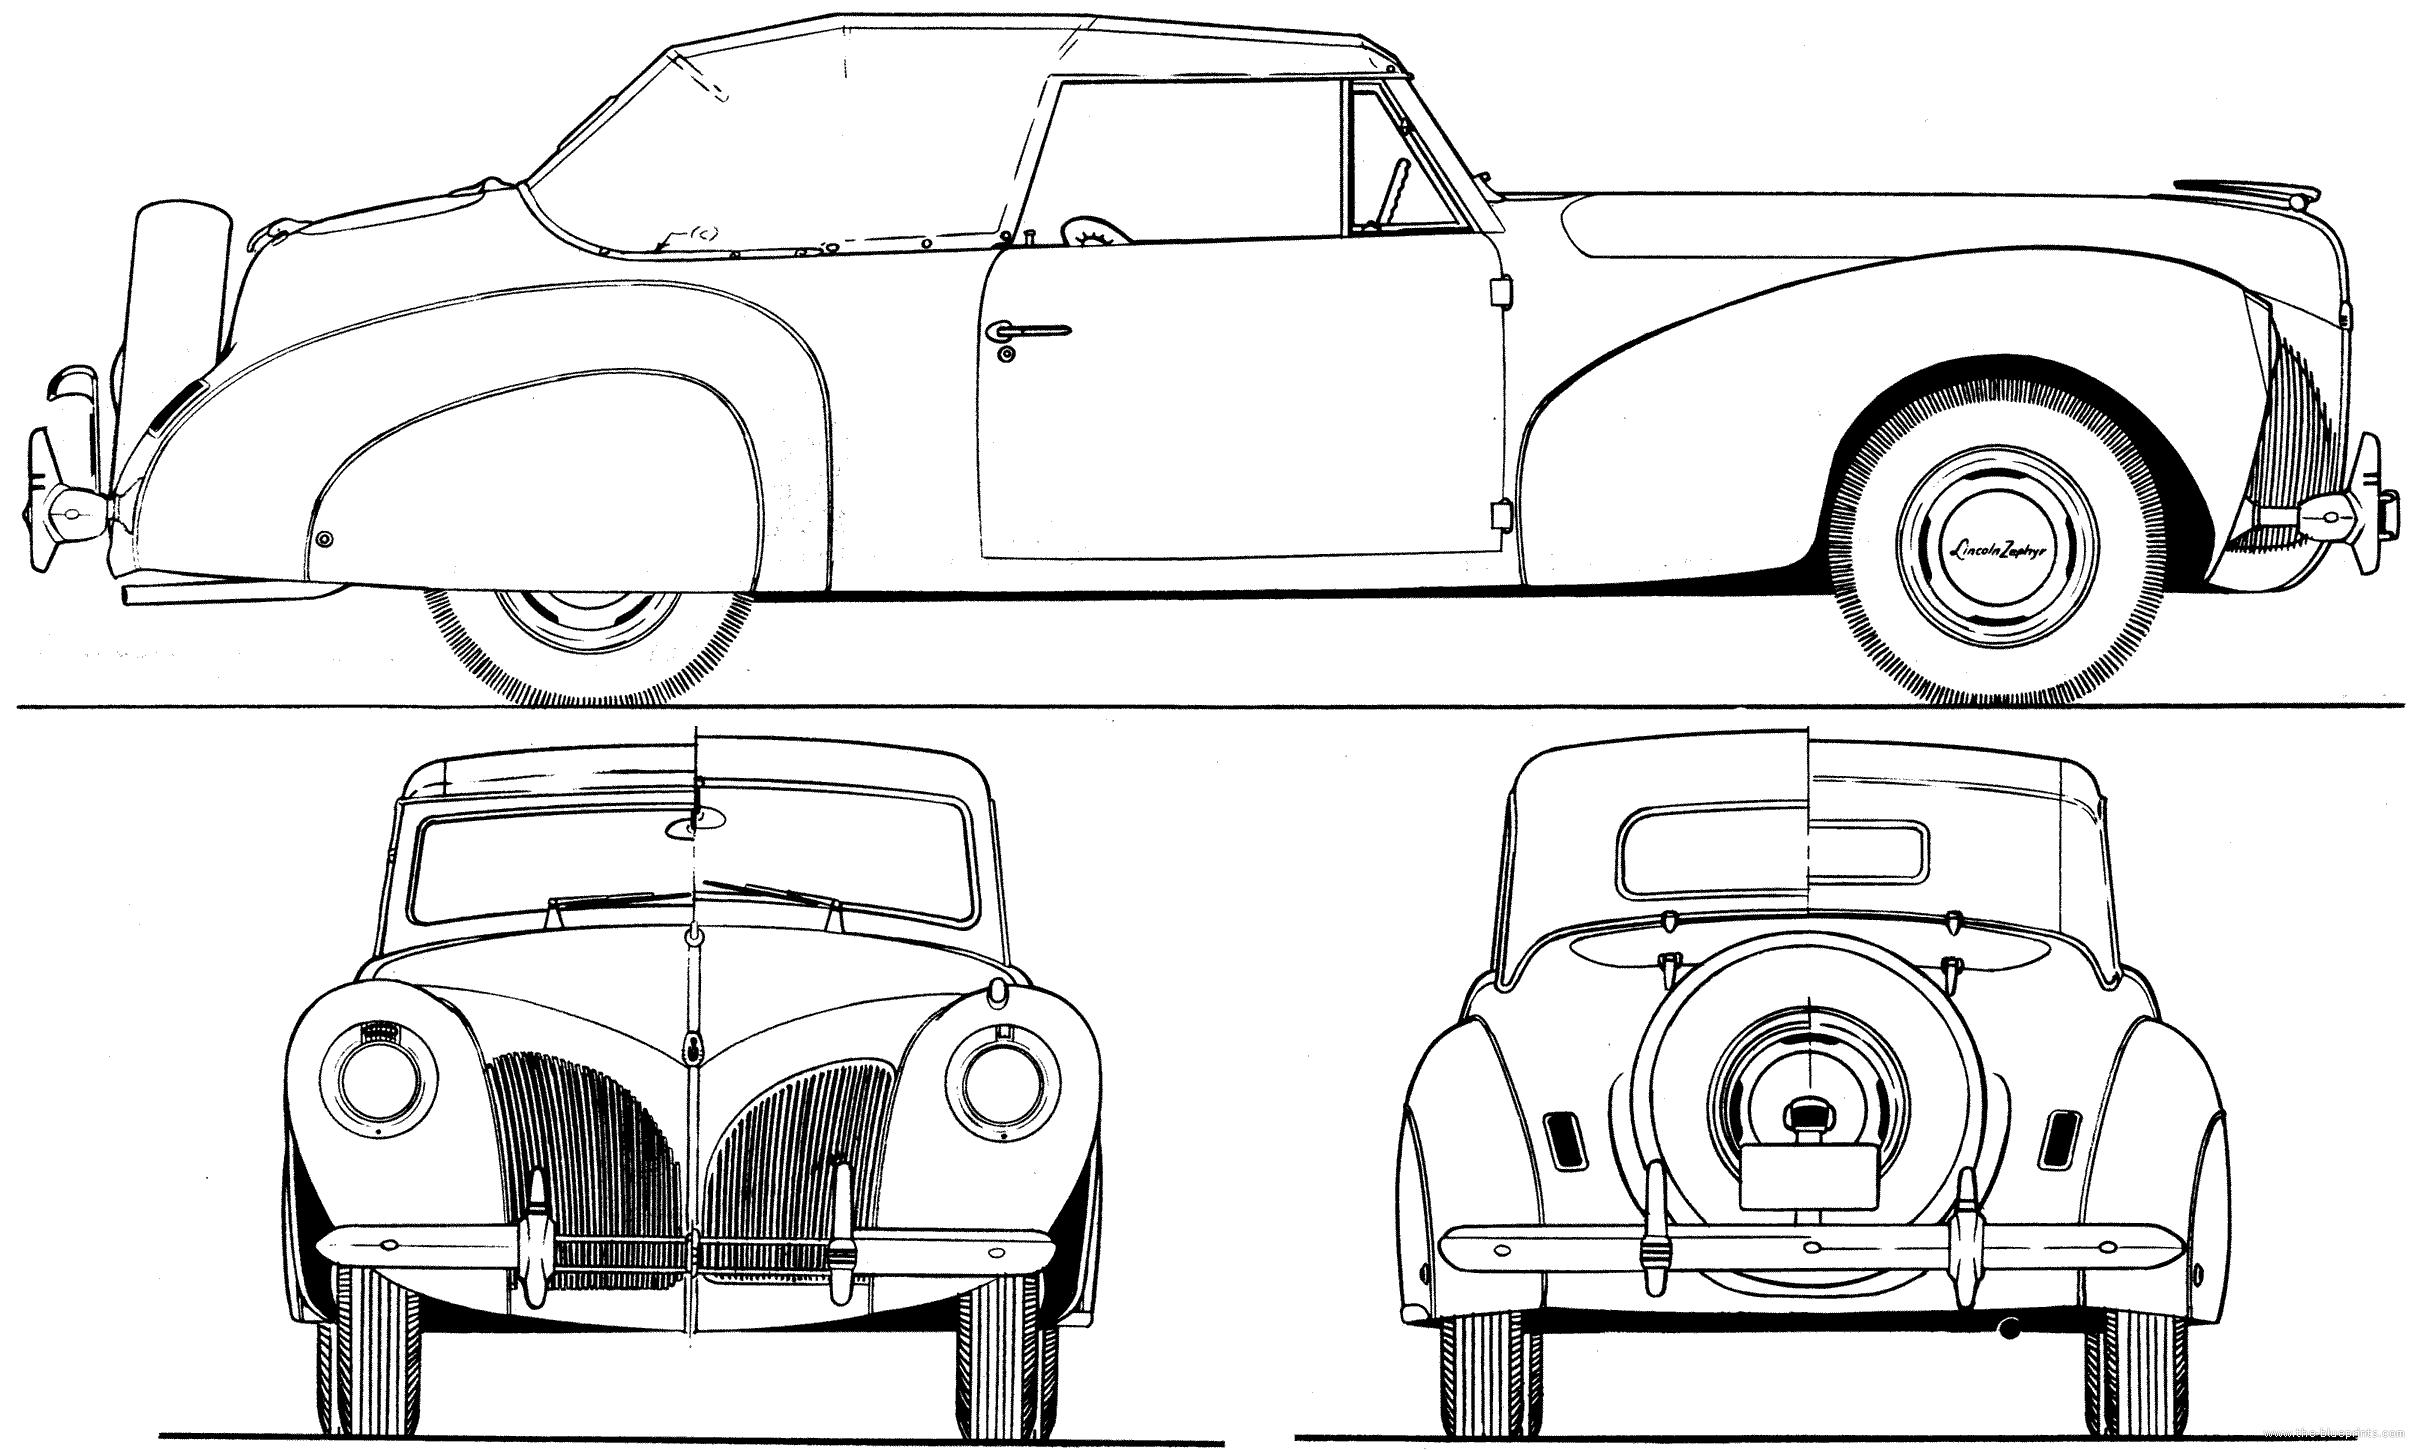 Comfortable Vintage Car Blueprints Images - Wiring Diagram Ideas ...